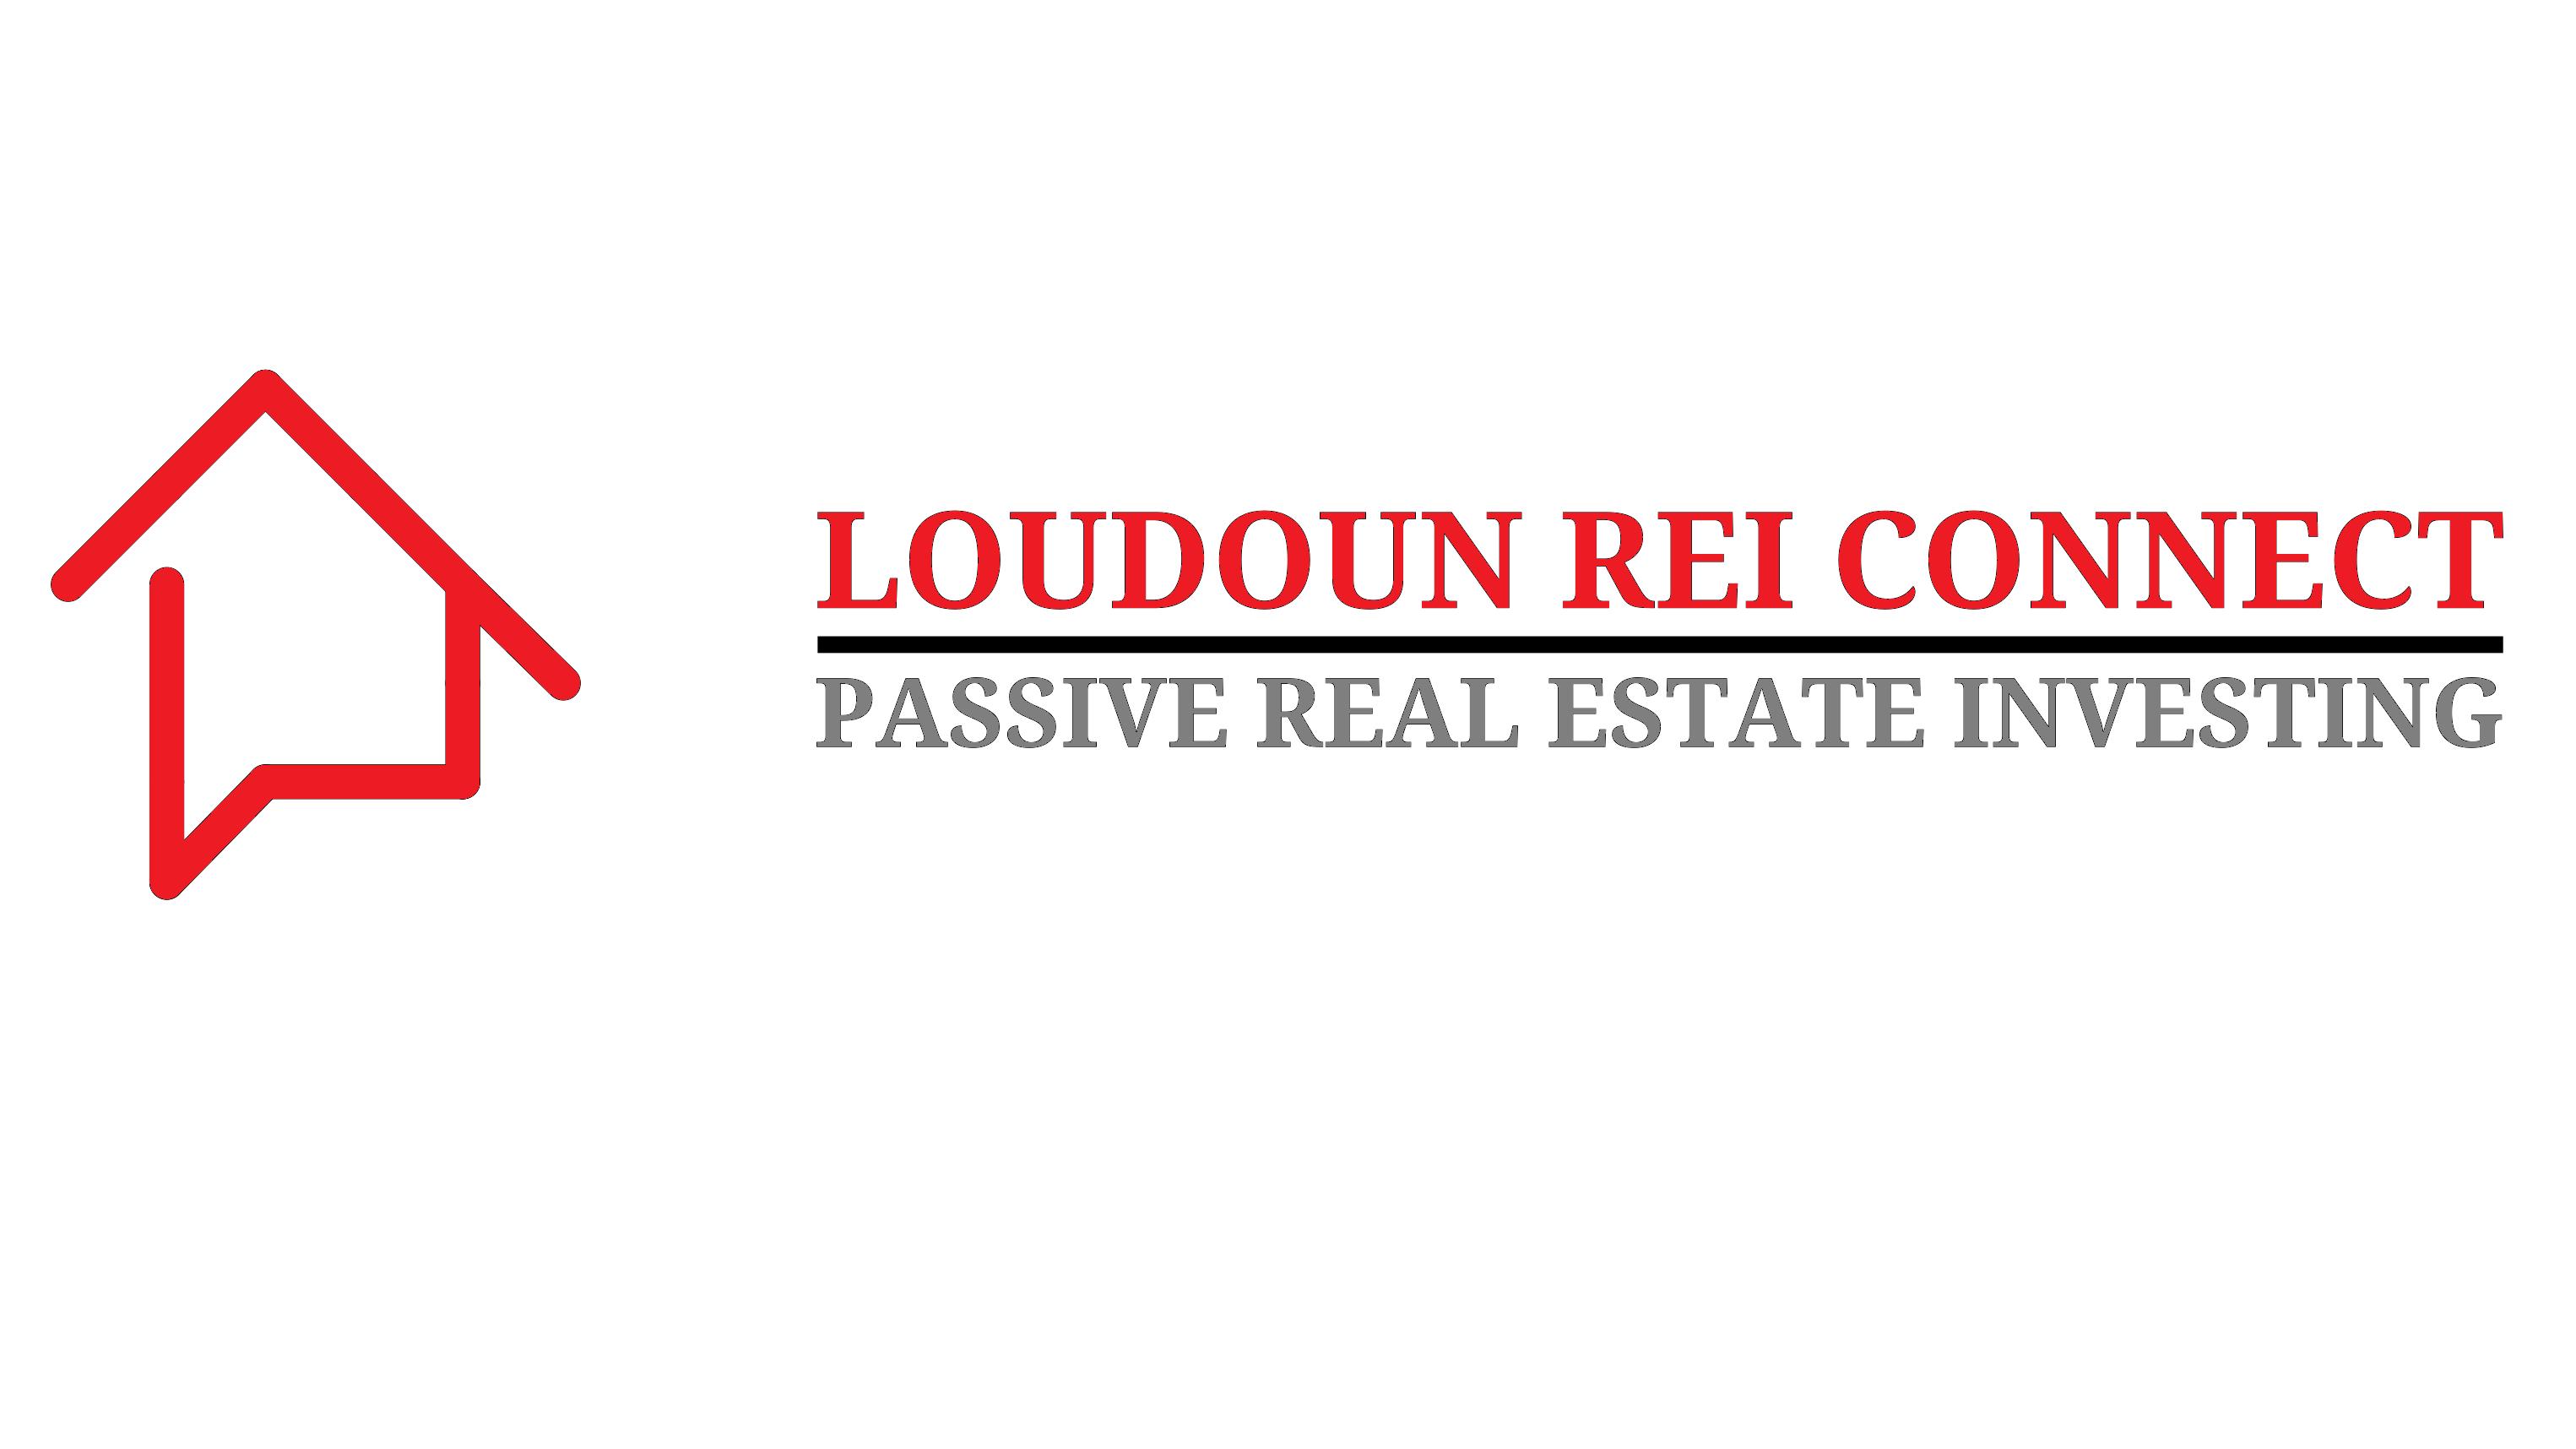 Loudoun REI Connect